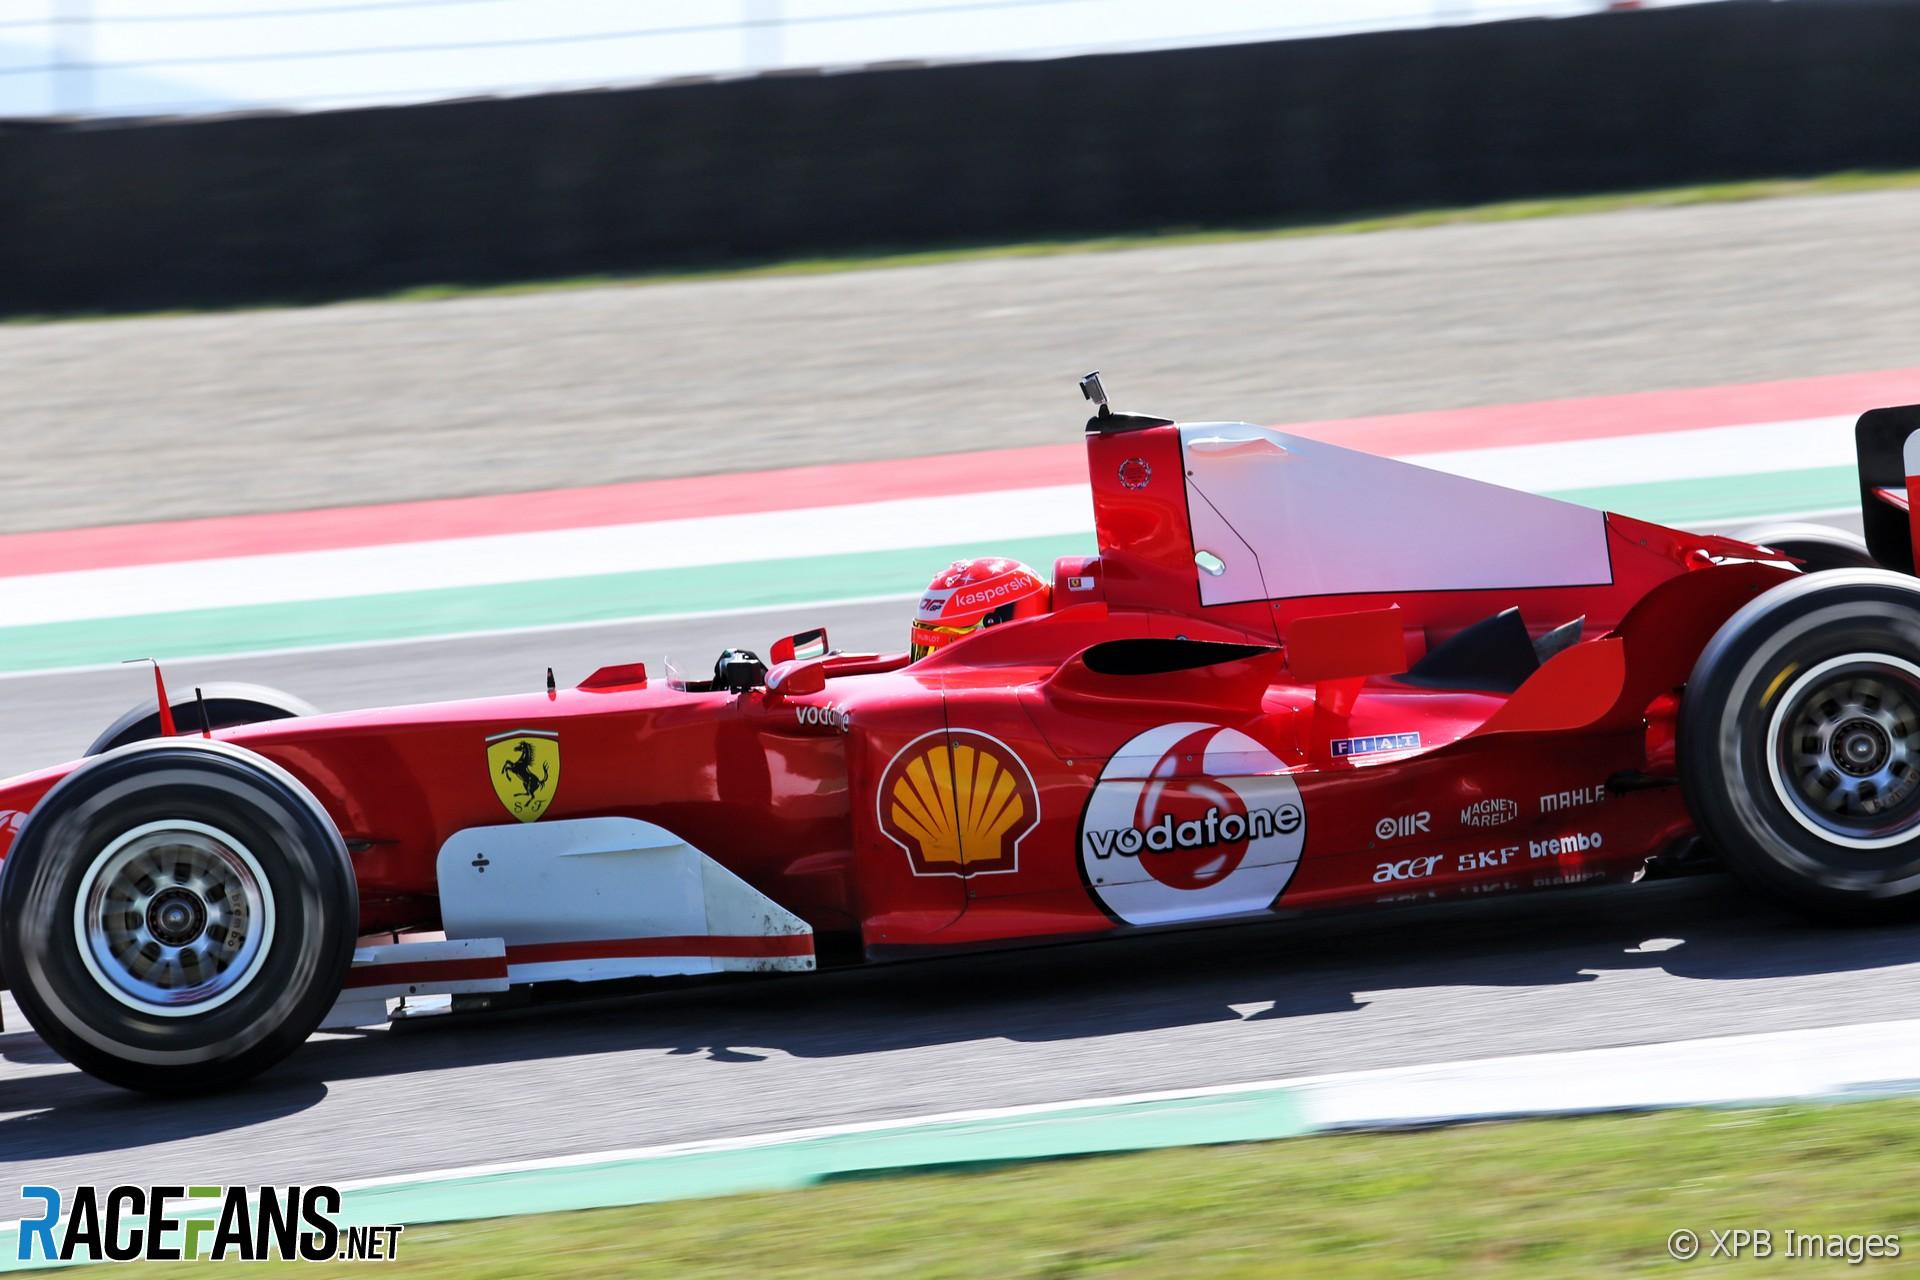 Mick Schumacher Ferrari F2004 Run Mugello 2020 Racefans